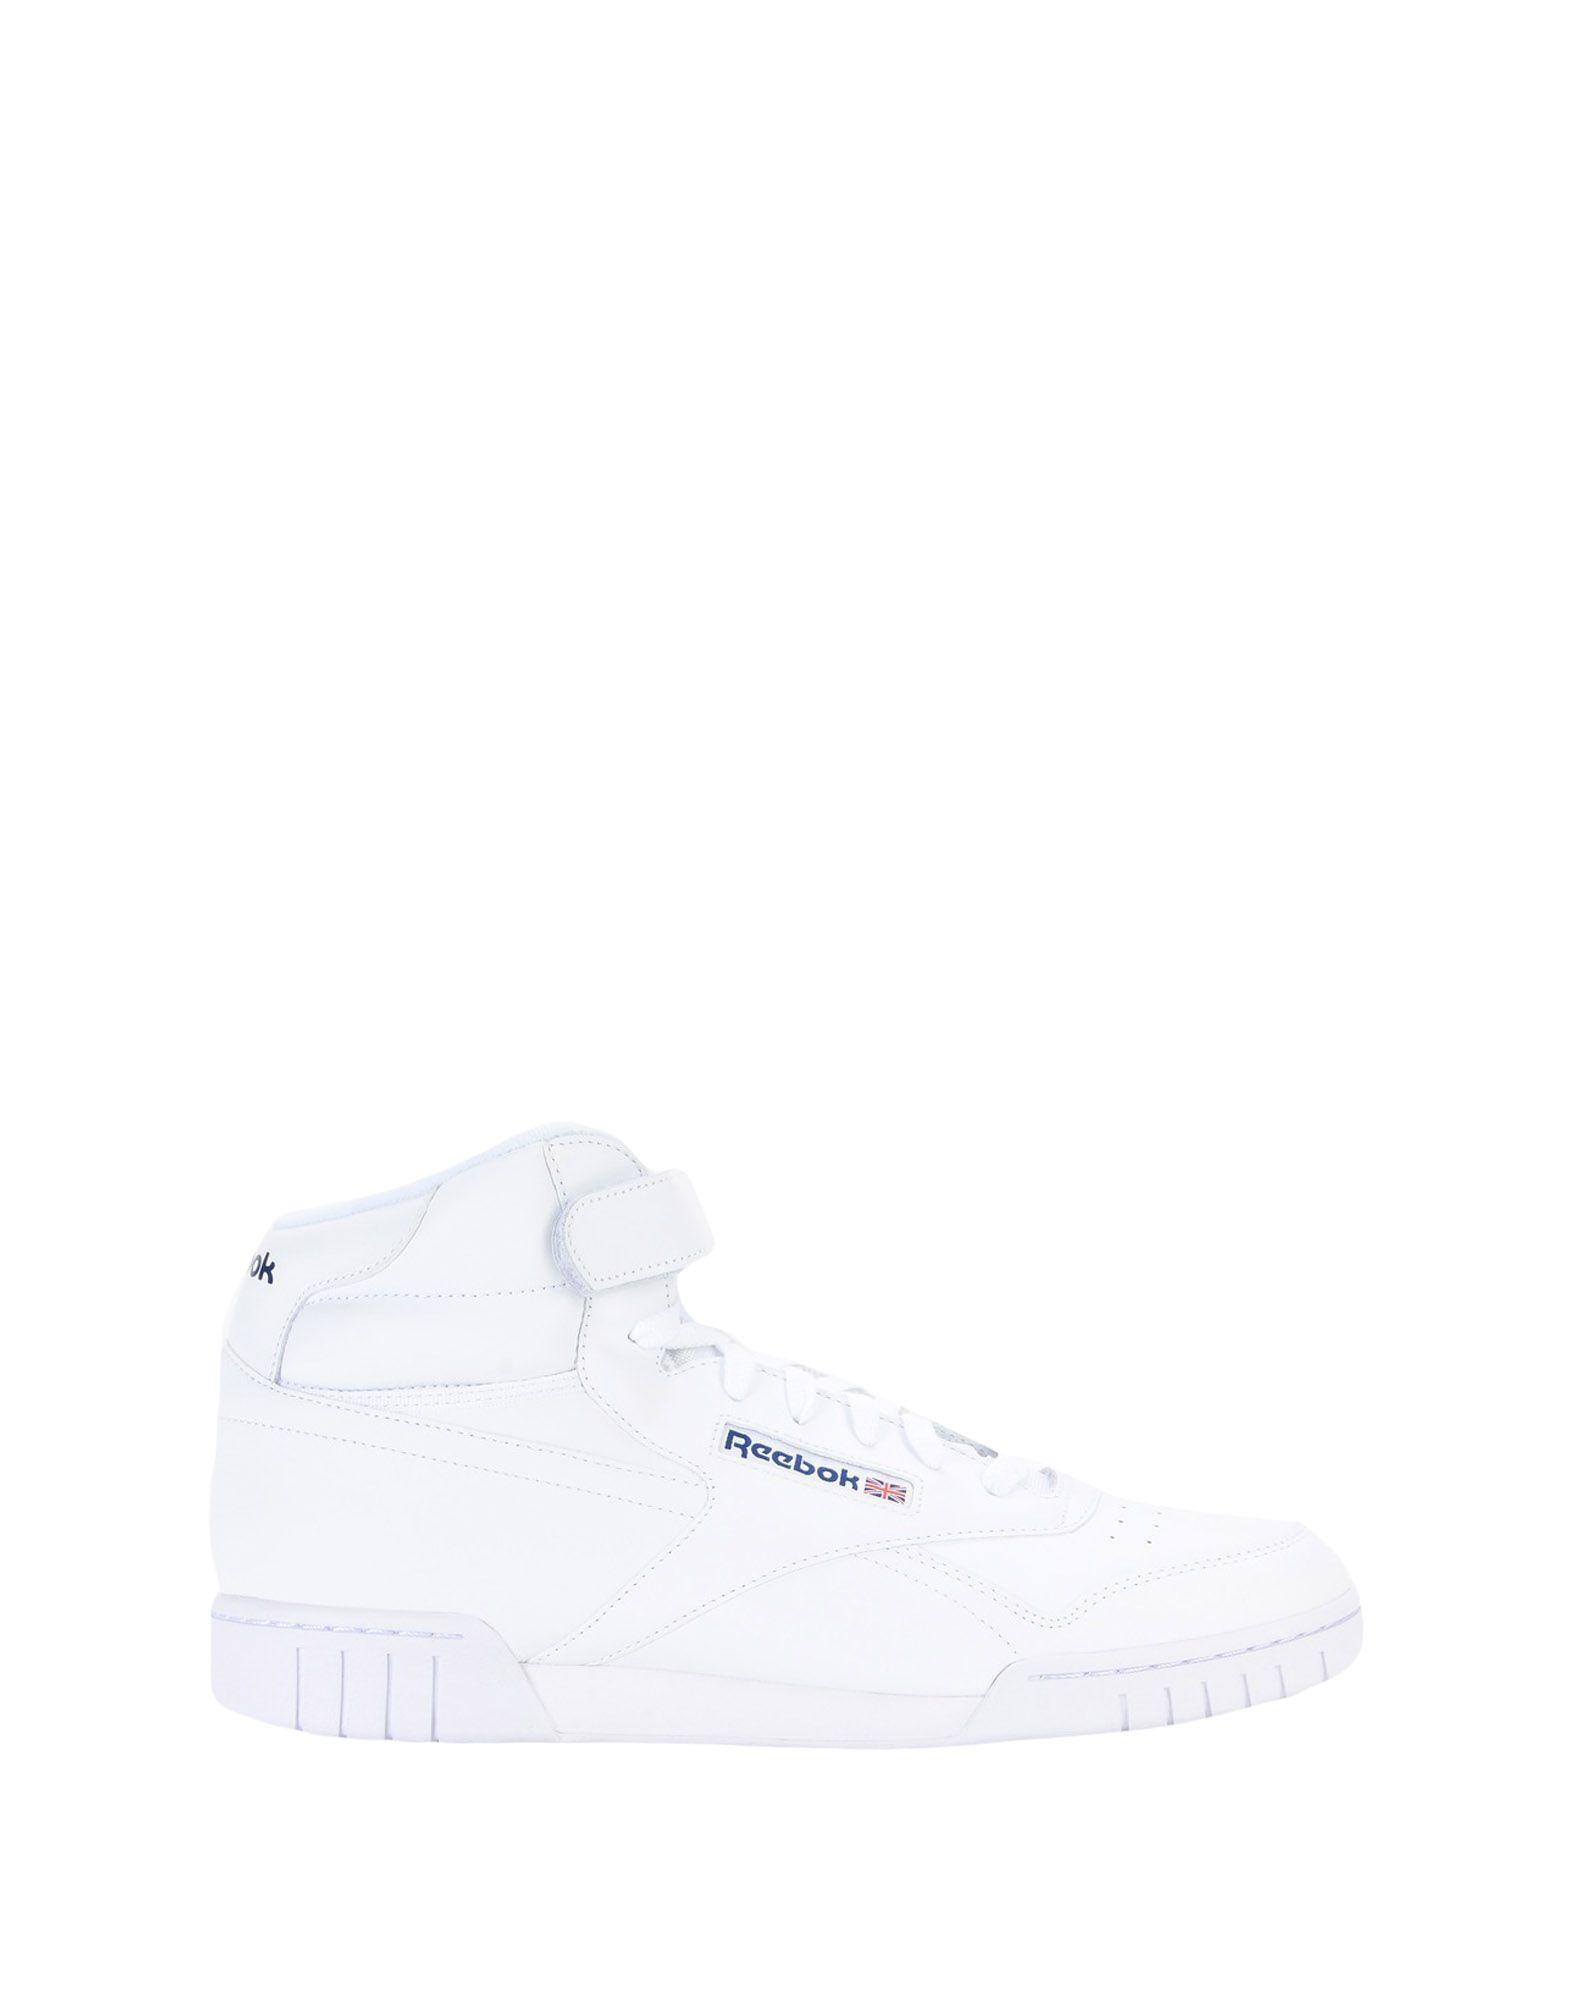 Sneakers Reebok Ex-O-Fit Hi - Homme - Sneakers Reebok sur